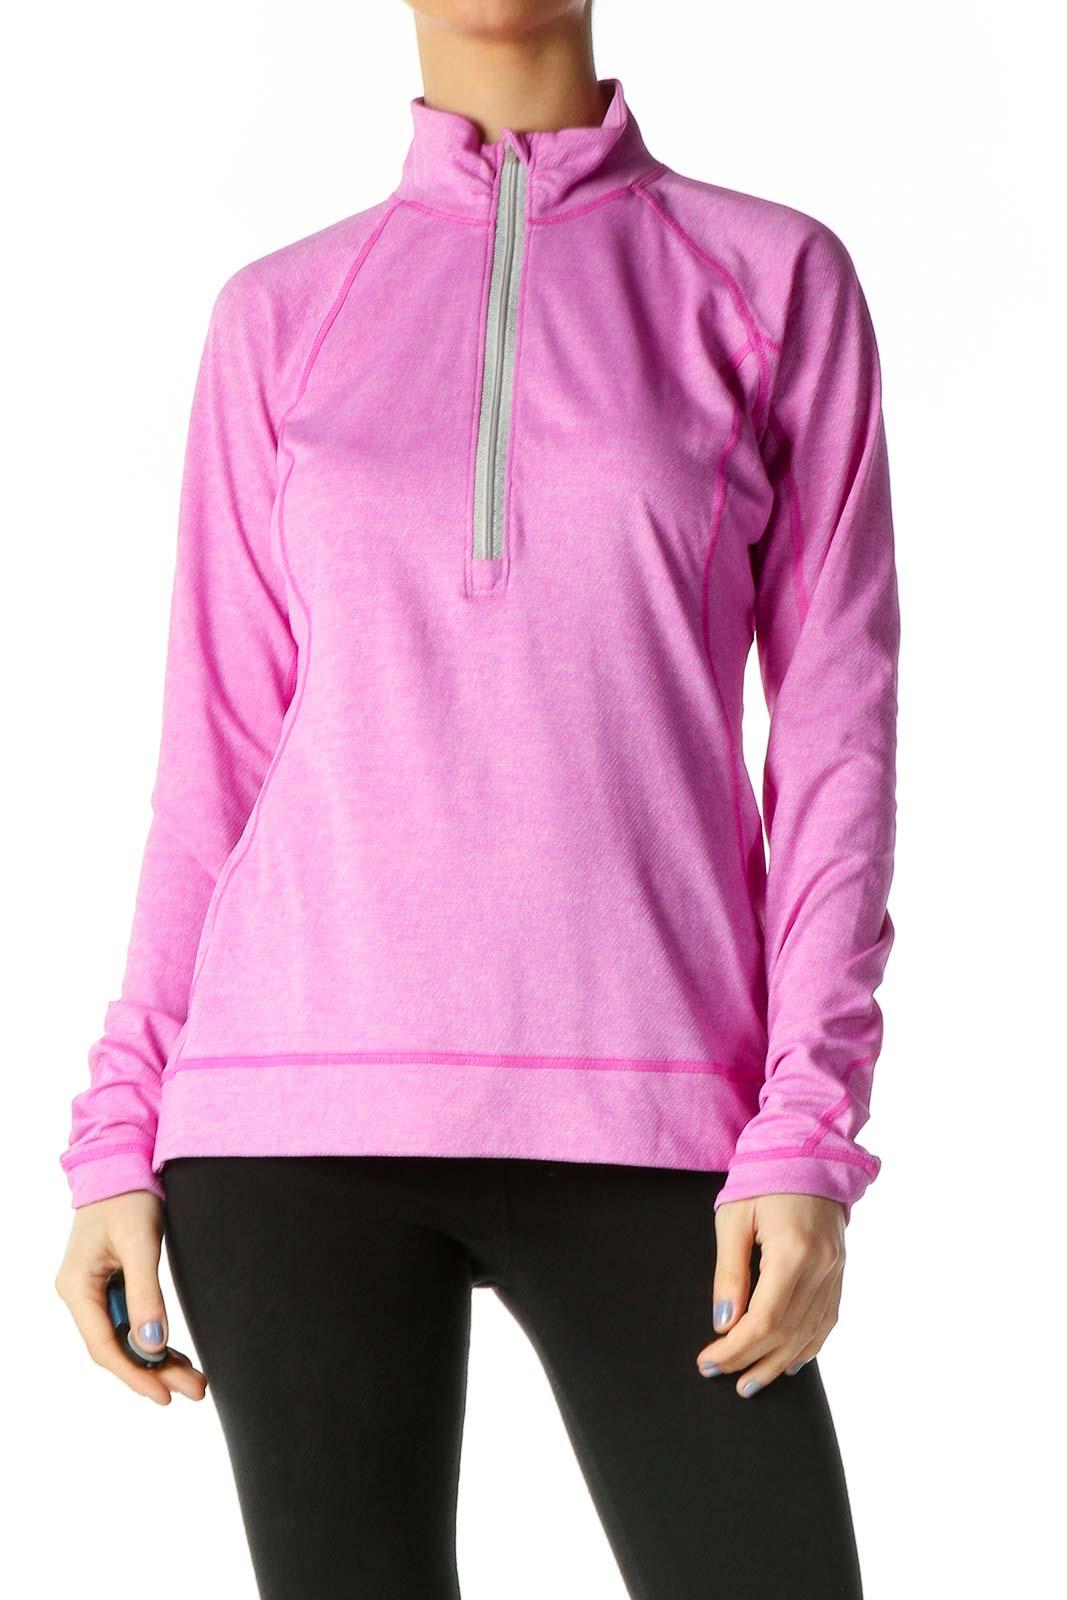 Pink Solid Sweatshirt Front